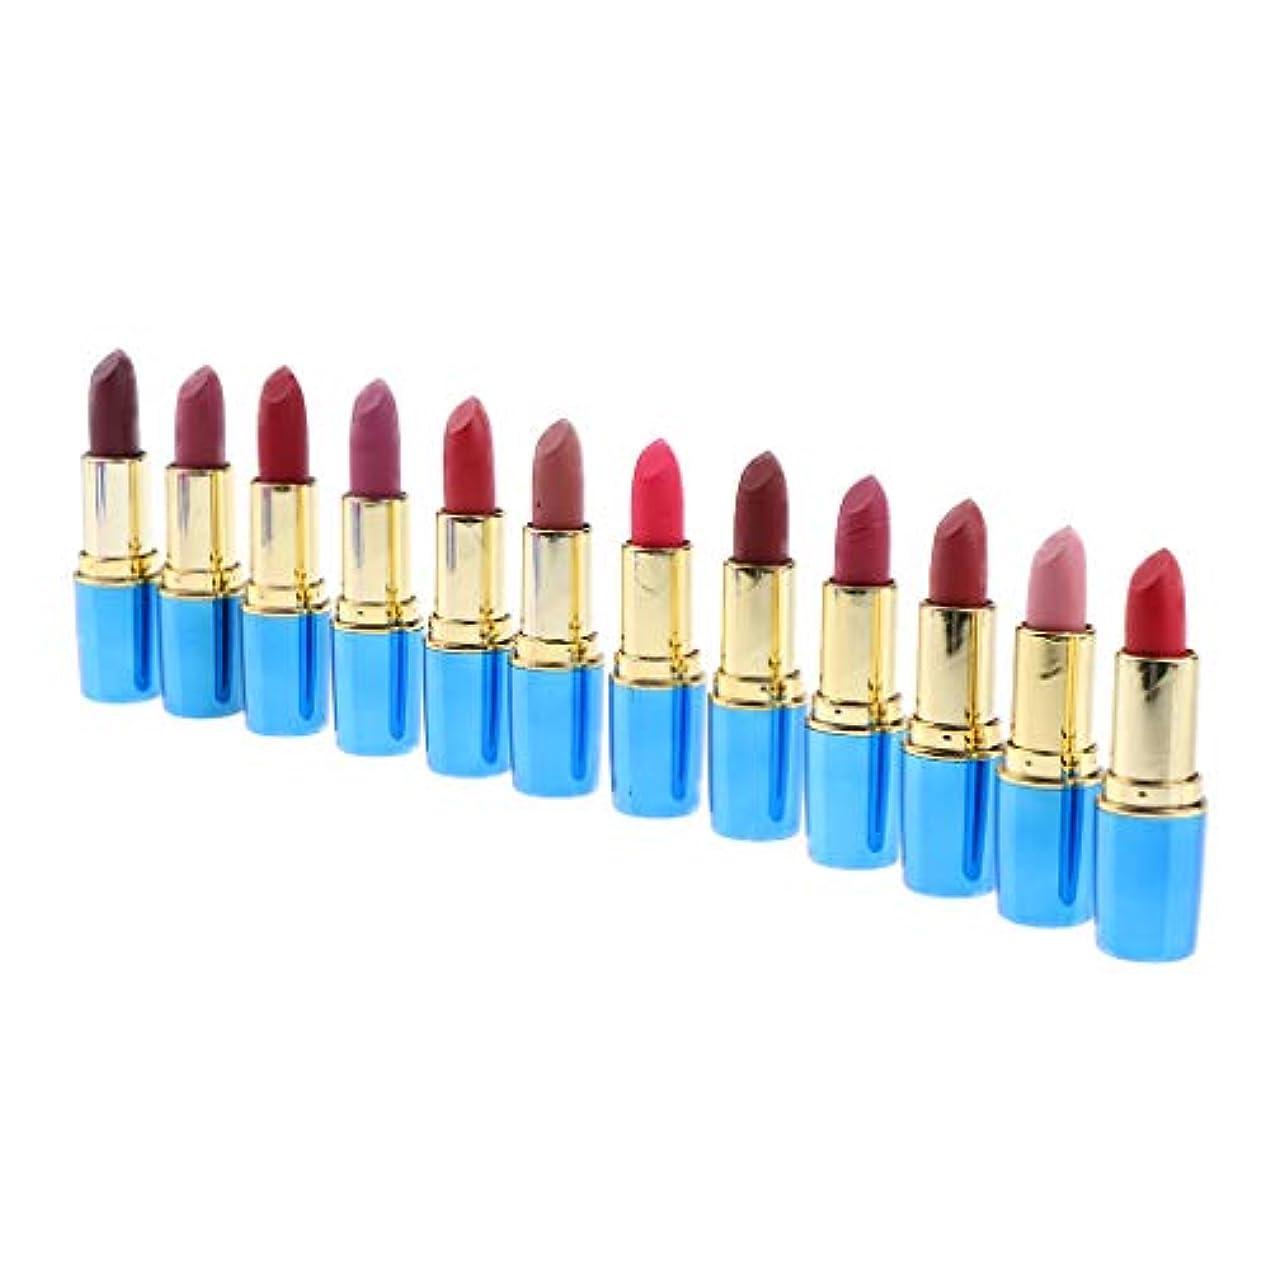 Perfeclan お化粧 化粧品 マットリップスティックセット 防水 12色